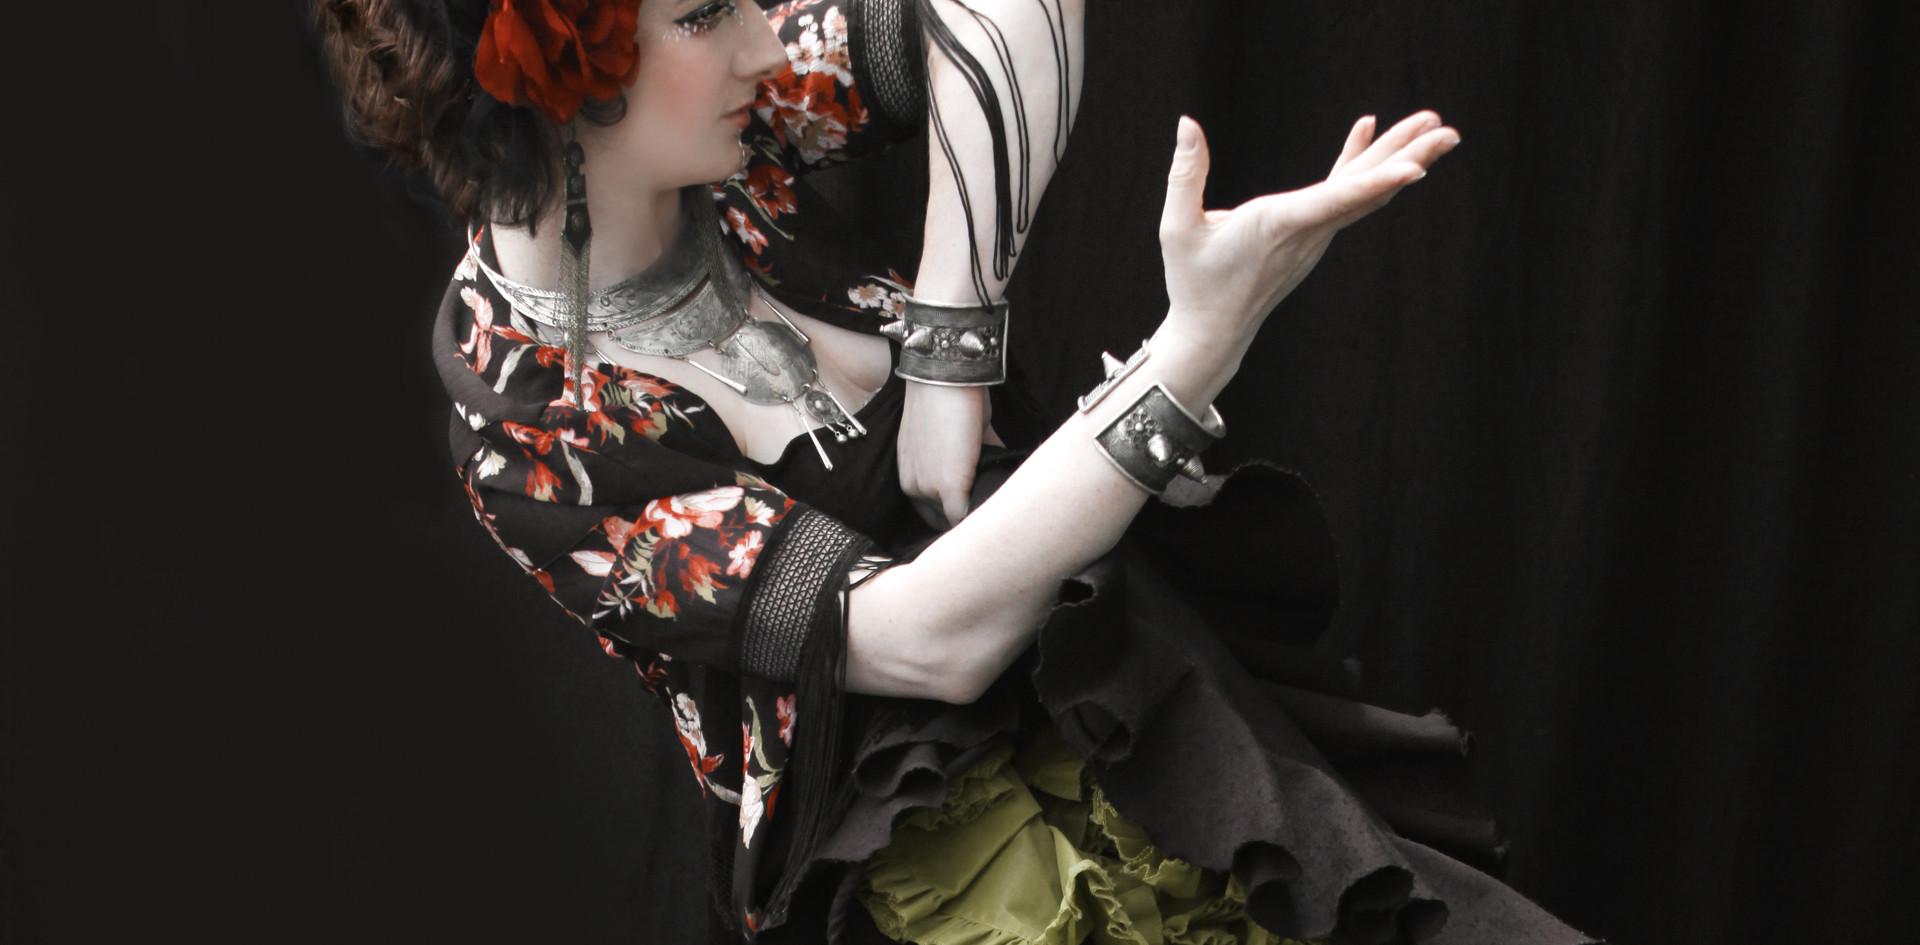 Andrea_DancingWBata.jpg